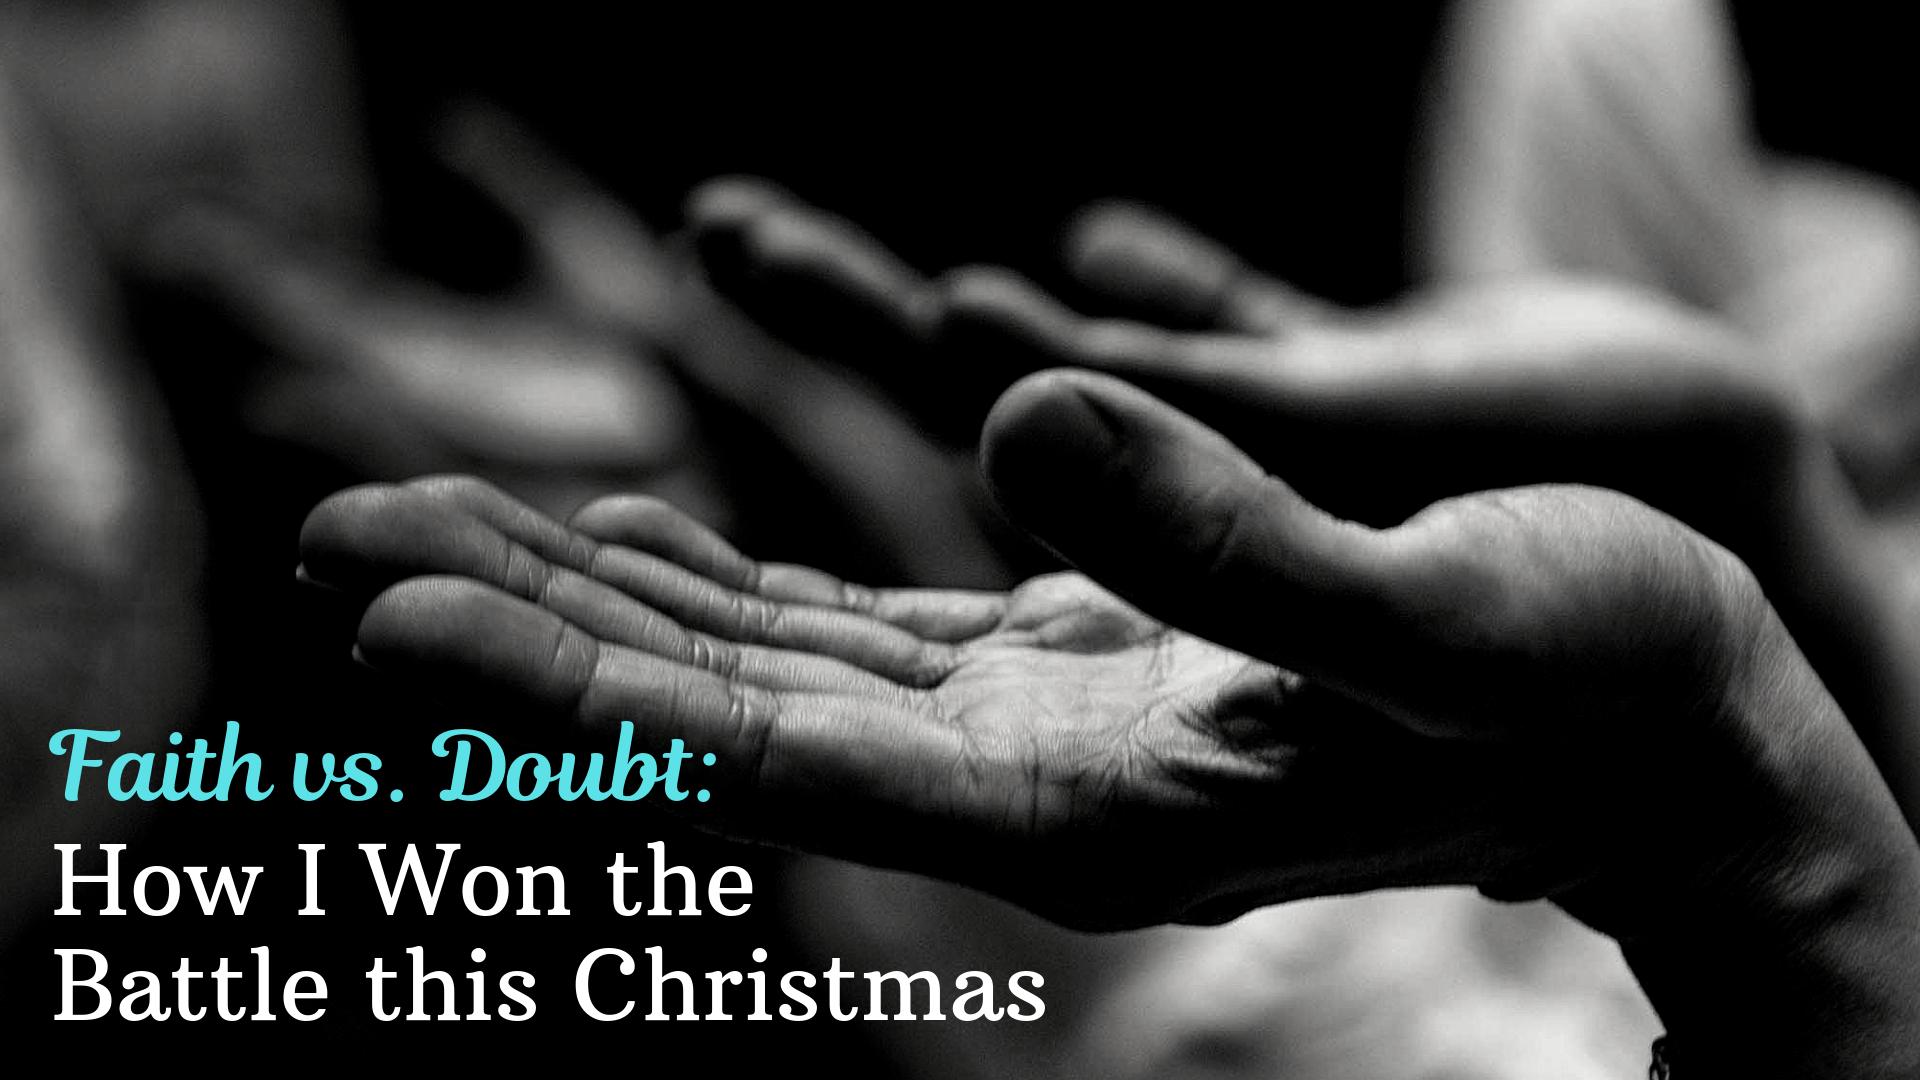 Faith vs. Doubt: How I Won the Battle this Christmas